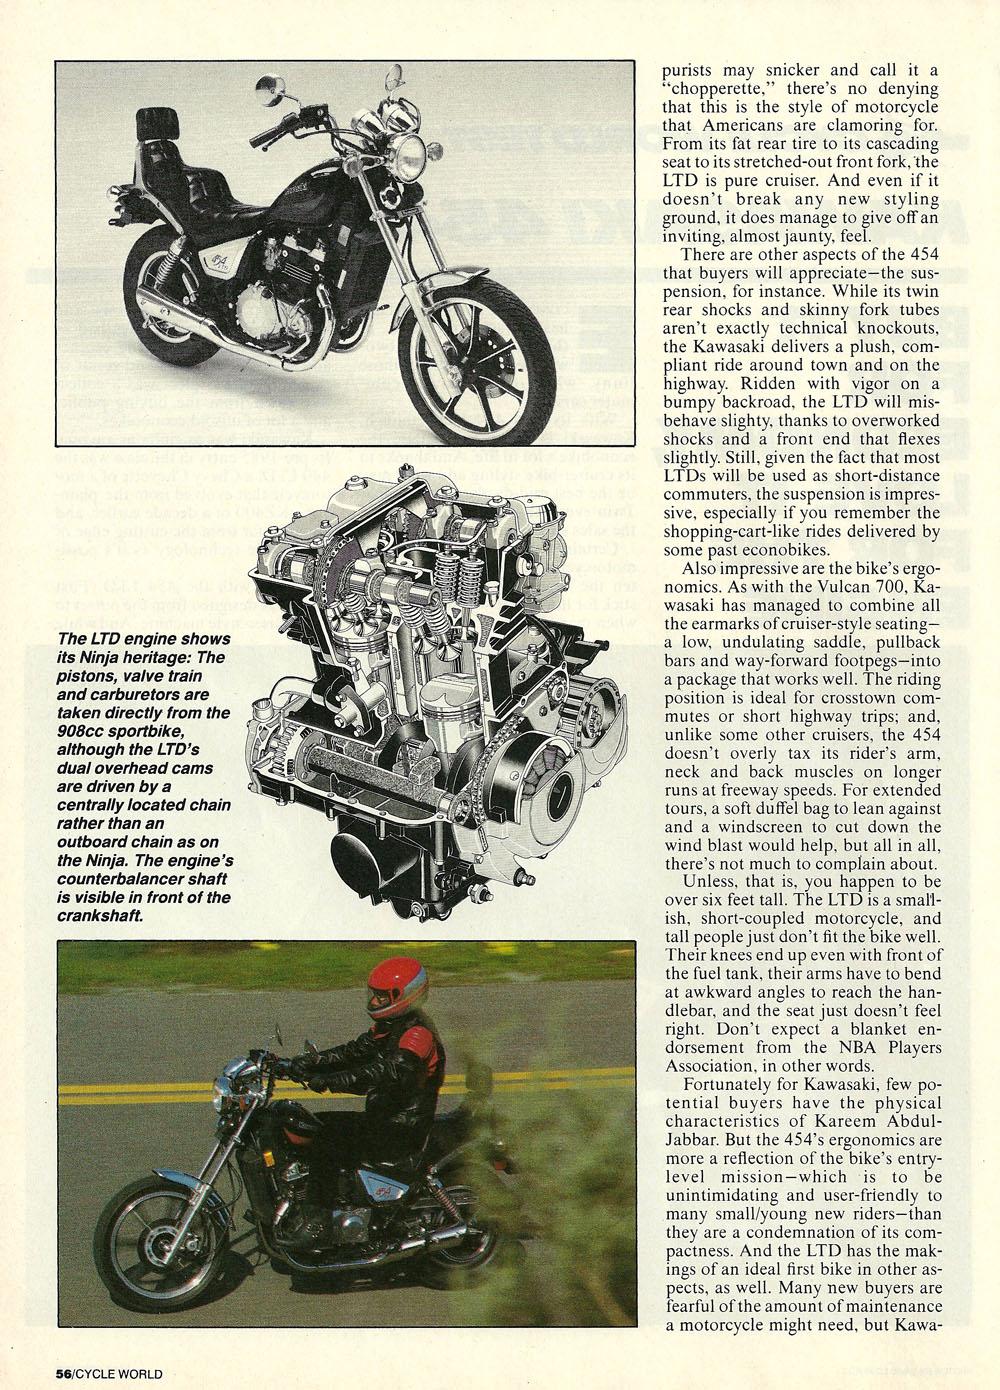 1985 Kawasaki 454 ltd road test 02.jpg